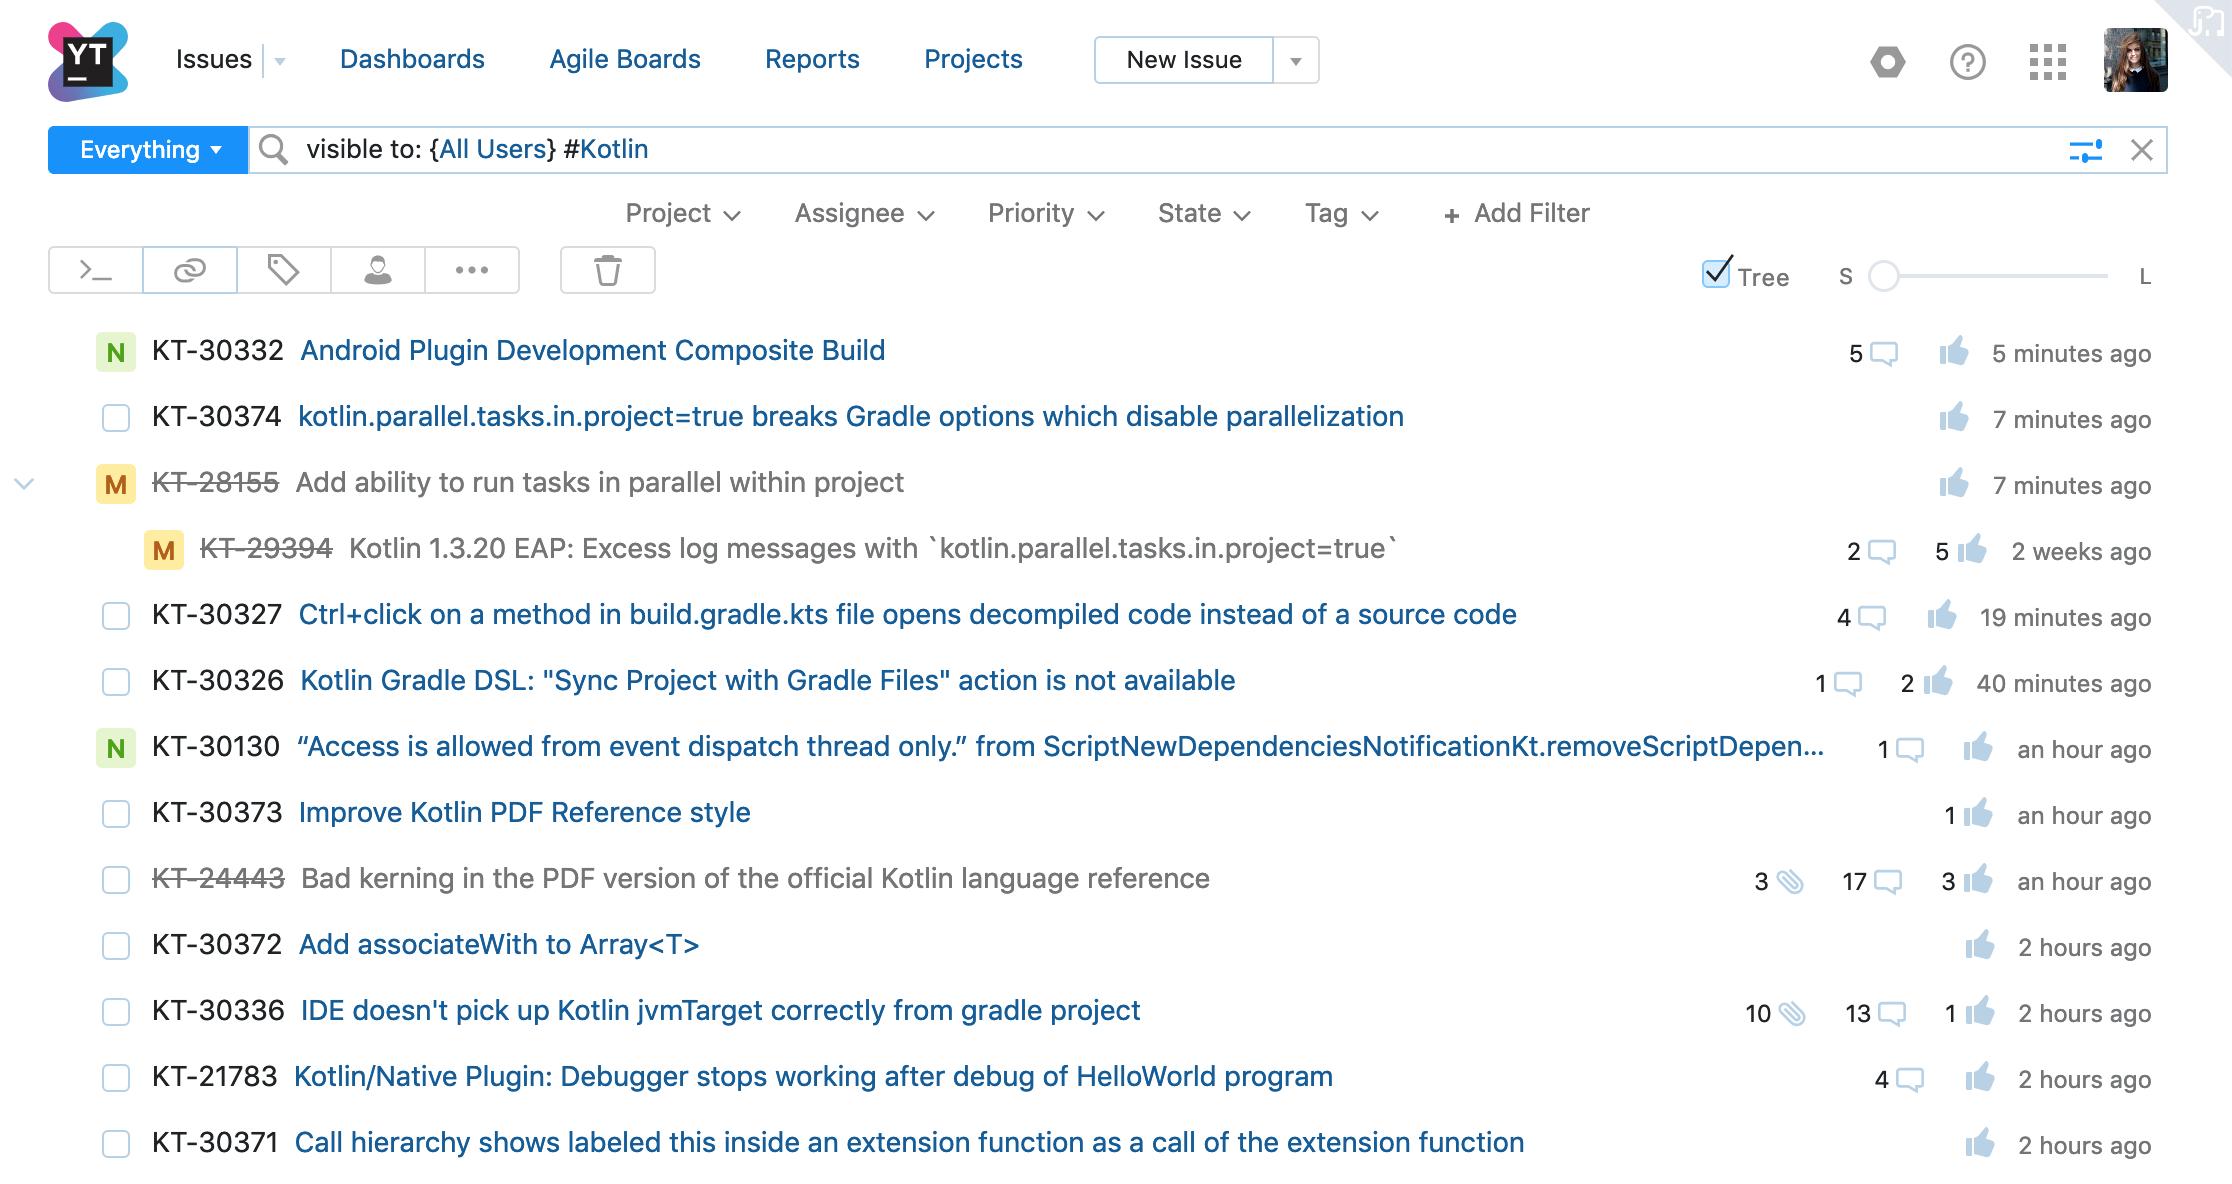 YouTrack 2019.1: избранные Agile-доски, настраиваемые поля для карточек на Agile-досках и многое другое - 8